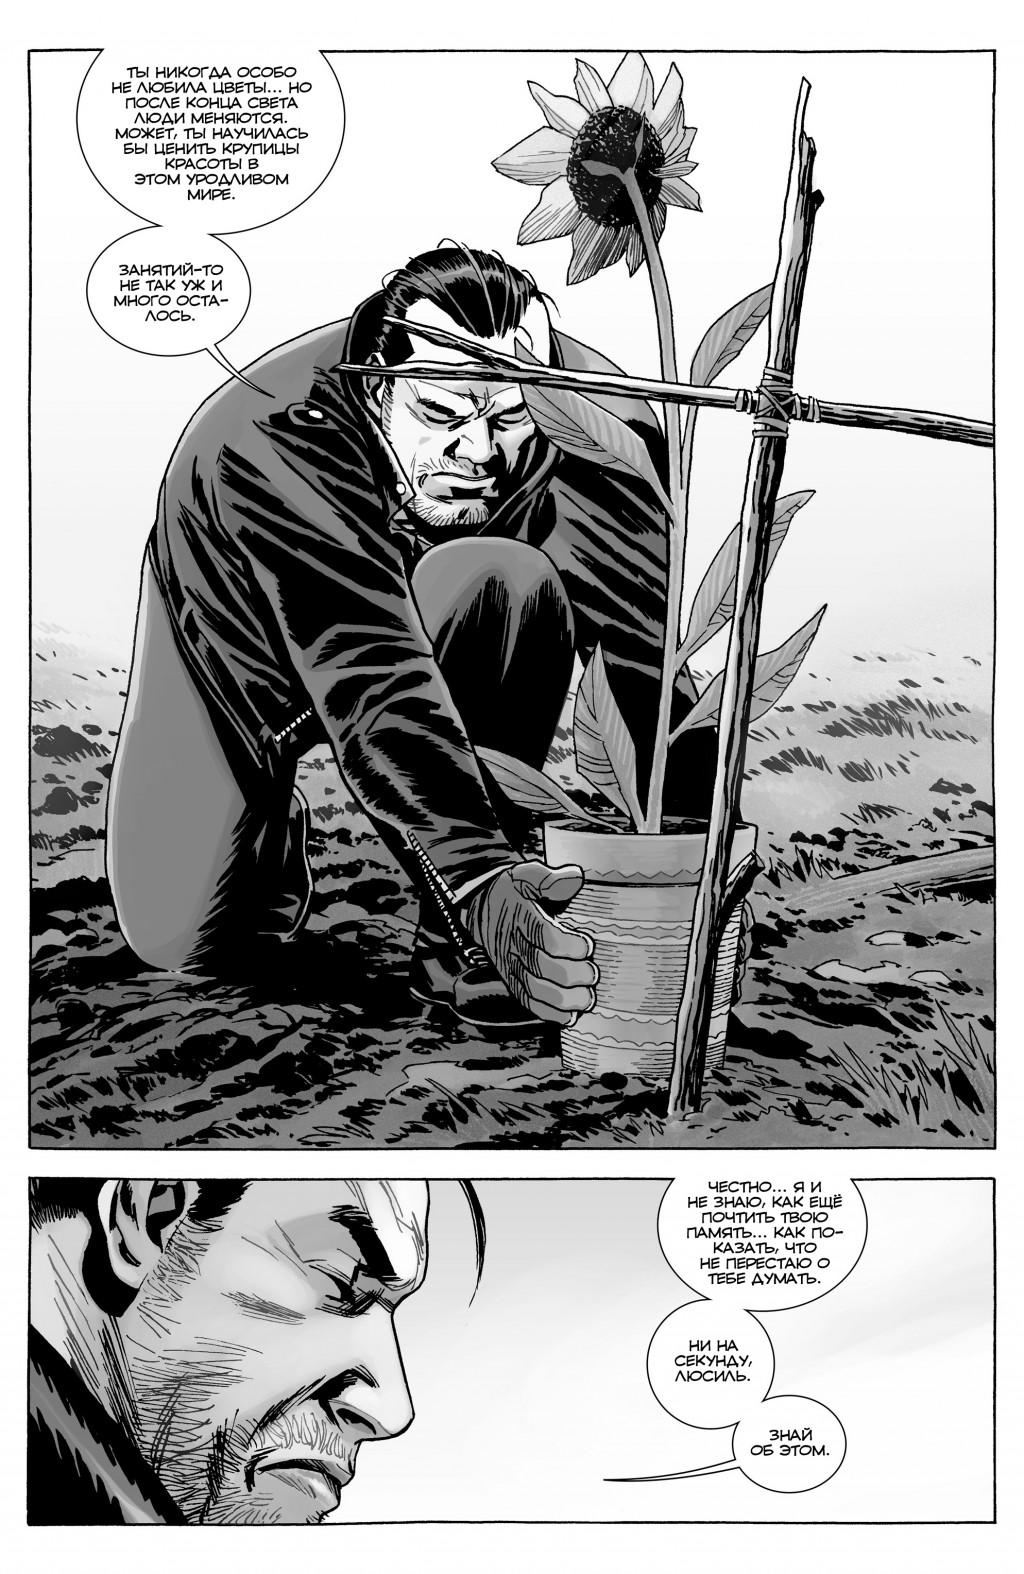 The Walking Dead 174-005.jpg